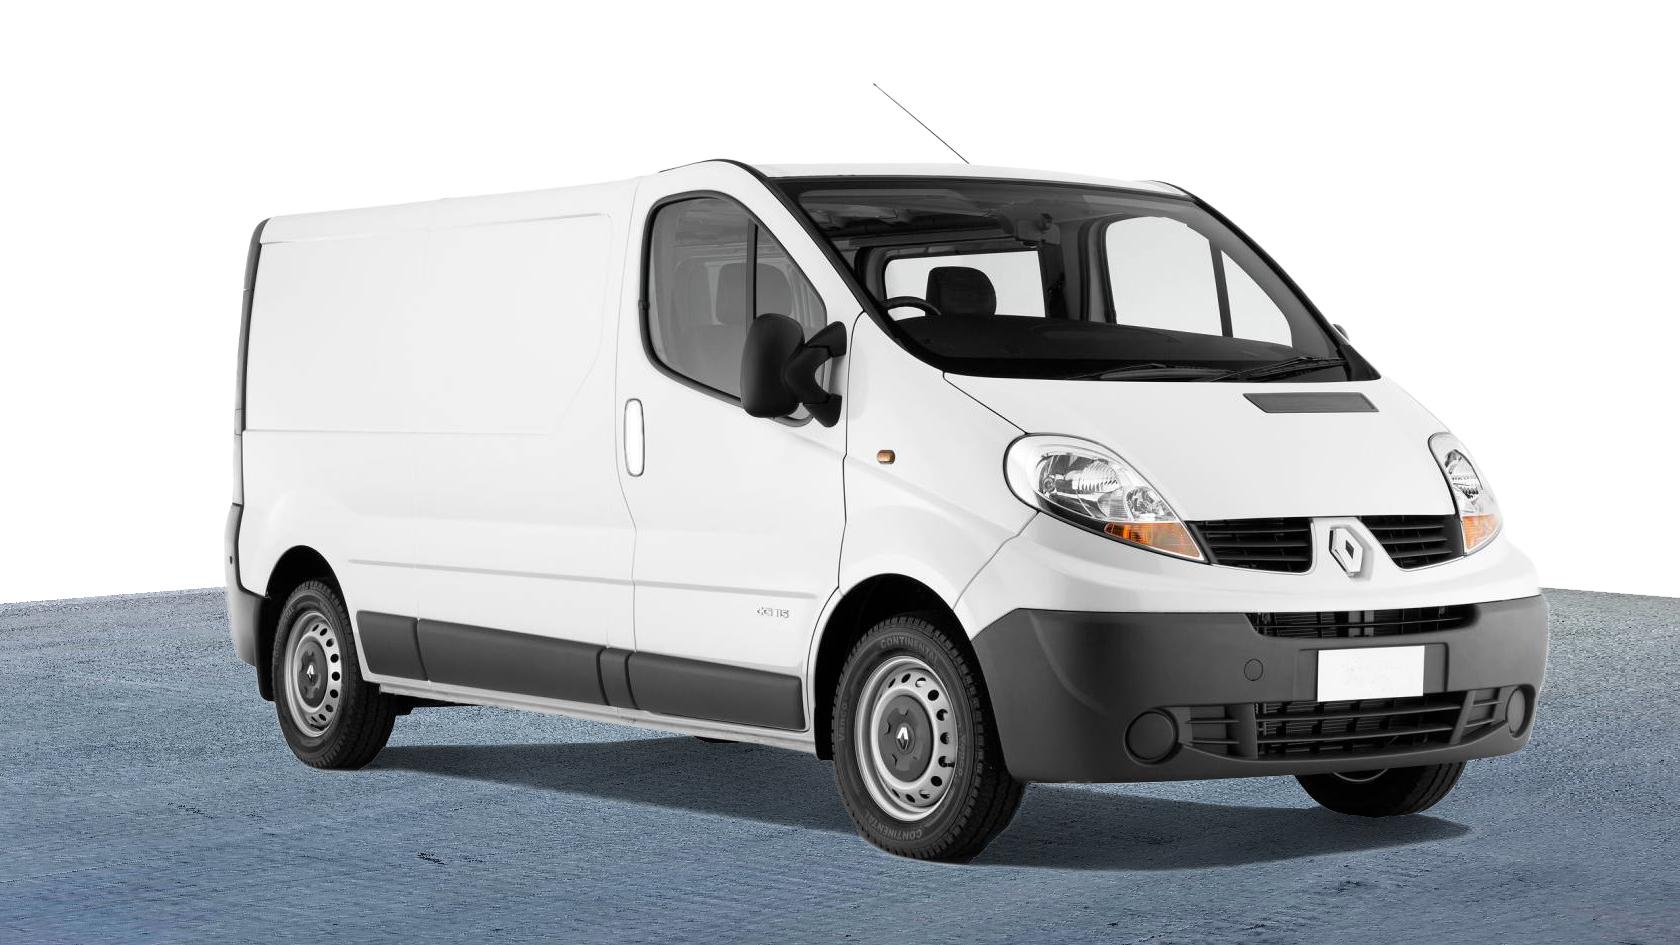 Noleggio-furgoni-Bologna-Poti-Noleggi-Renault-Trafic